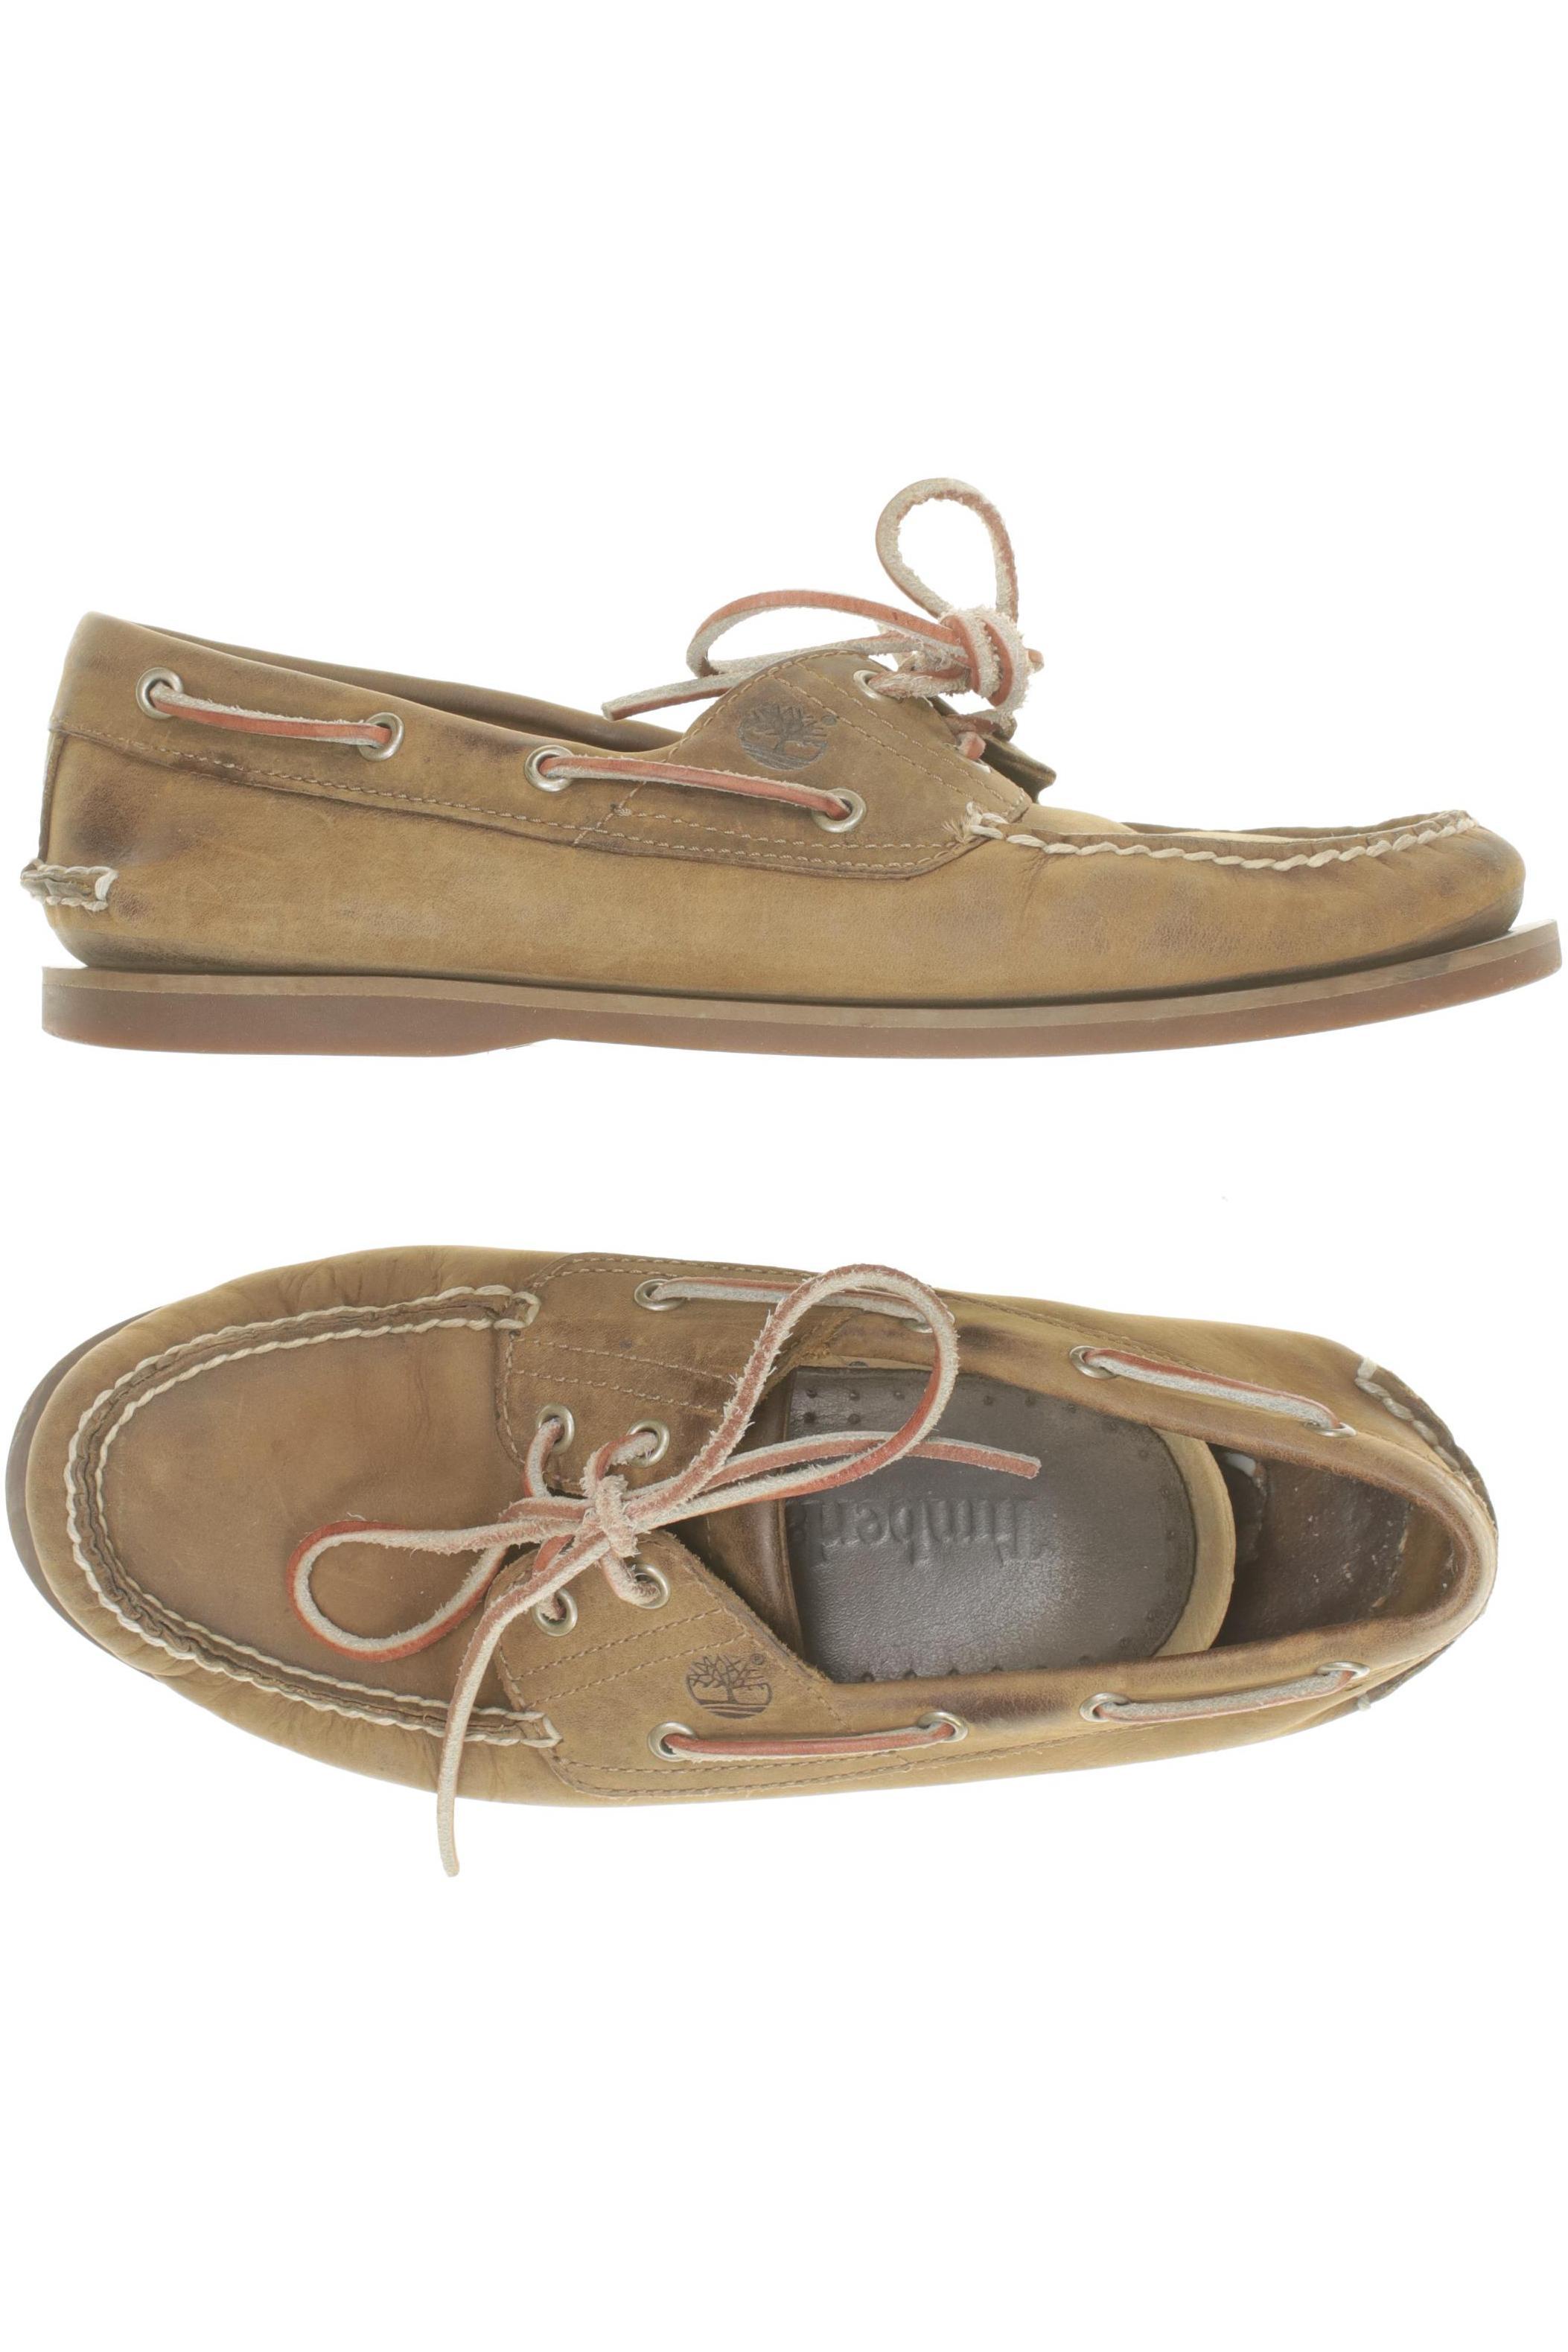 Details zu Timberland Halbschuh Herren Slipper feste Schuhe Gr. US 10 (DE 43) L #b2f3b28